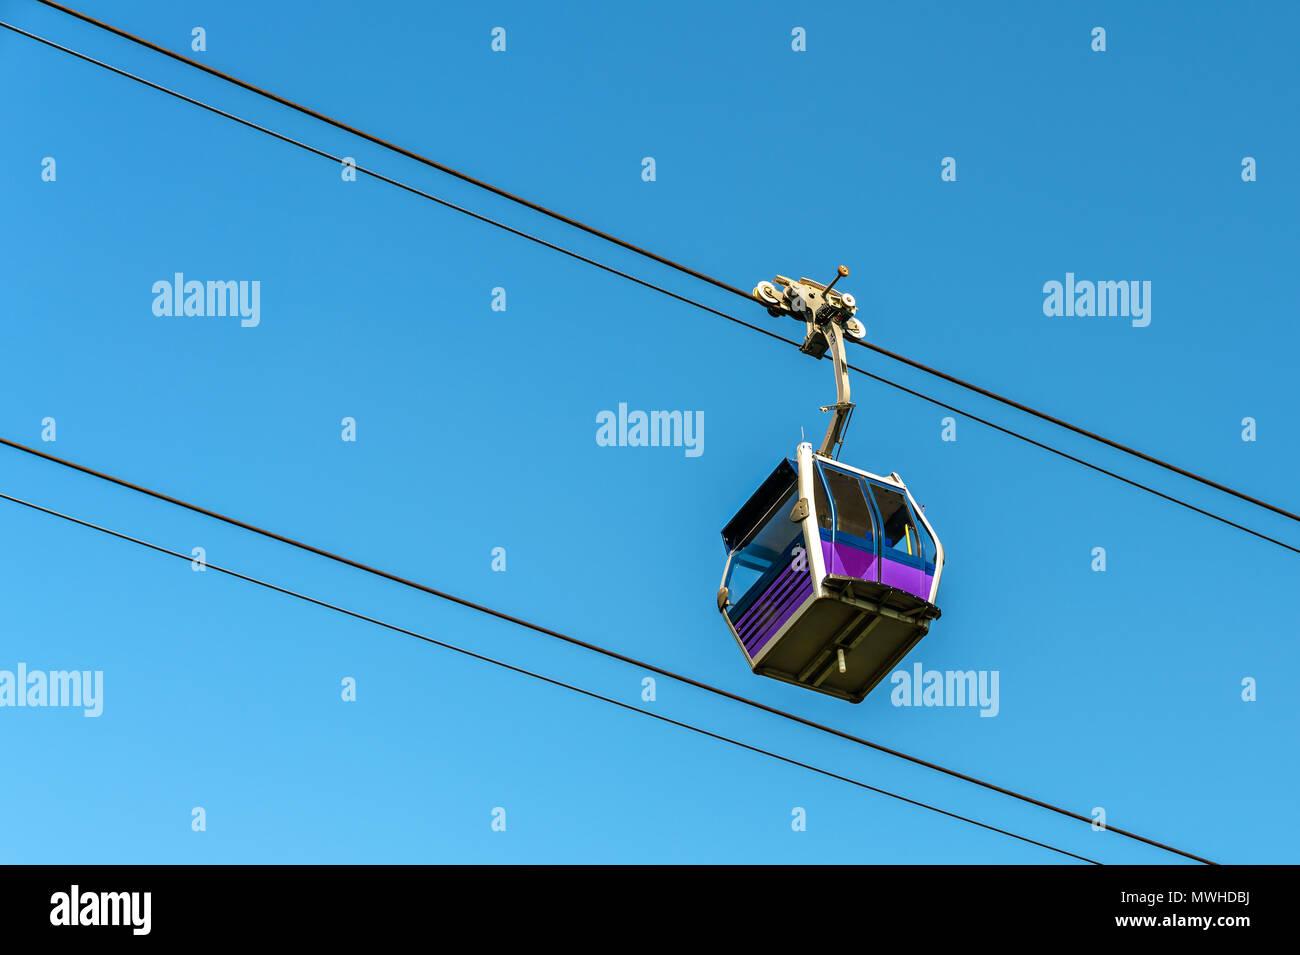 Gondola of Ngong Ping 360 cable car above Lantau Island in Hong Kong - Stock Image